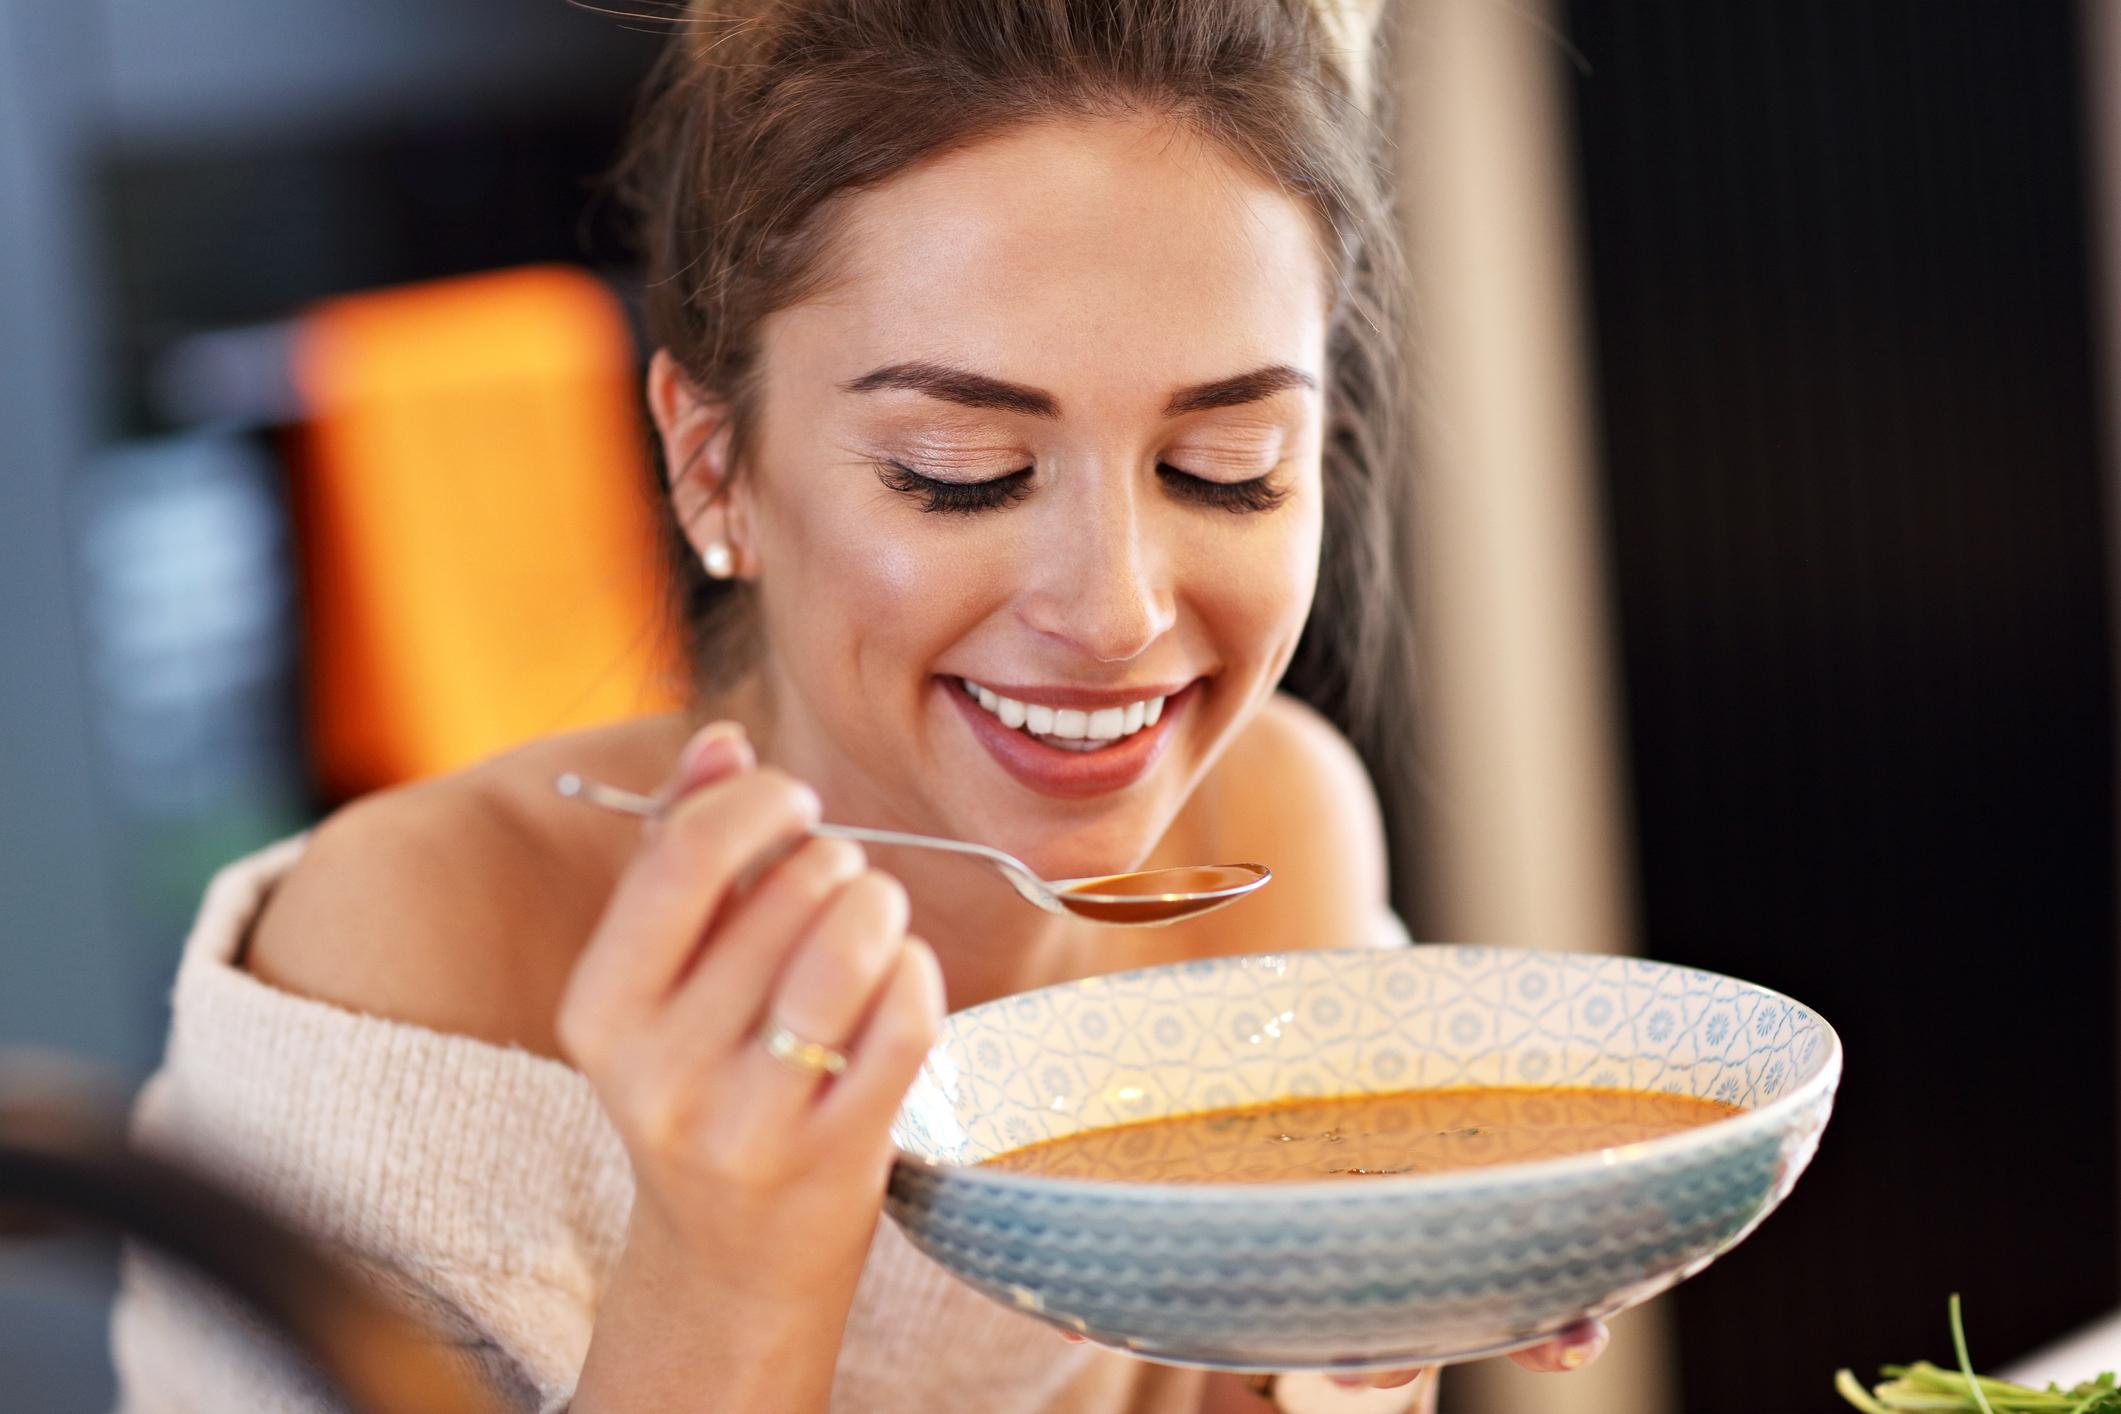 Jušna dijeta pruža organizmu priliku da se očisti i omogućava smanjenje nadutosti.